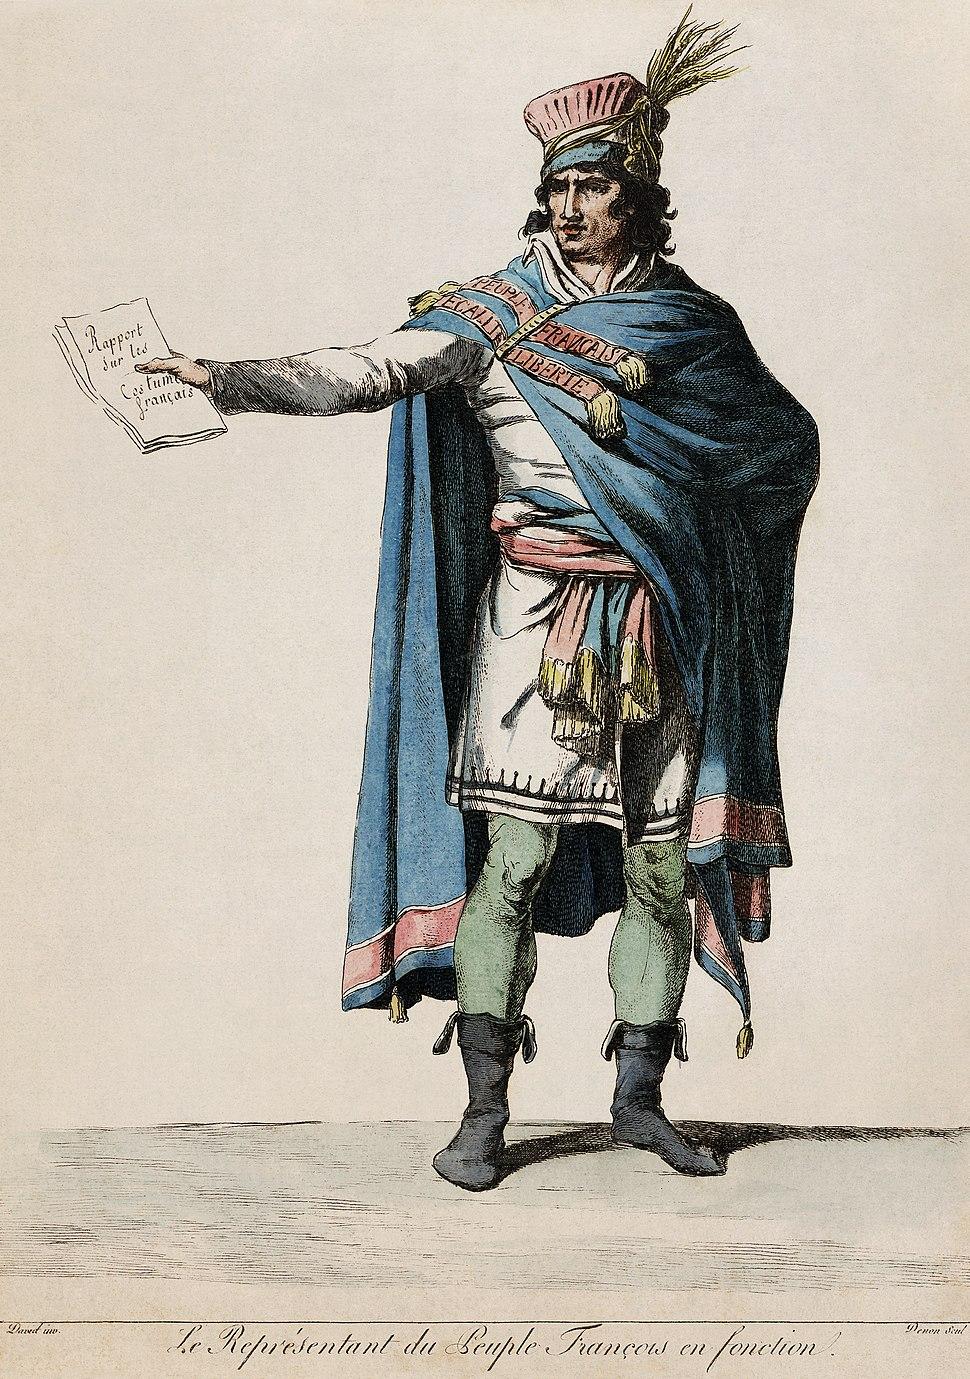 Le représentant du peuple François en fonction2